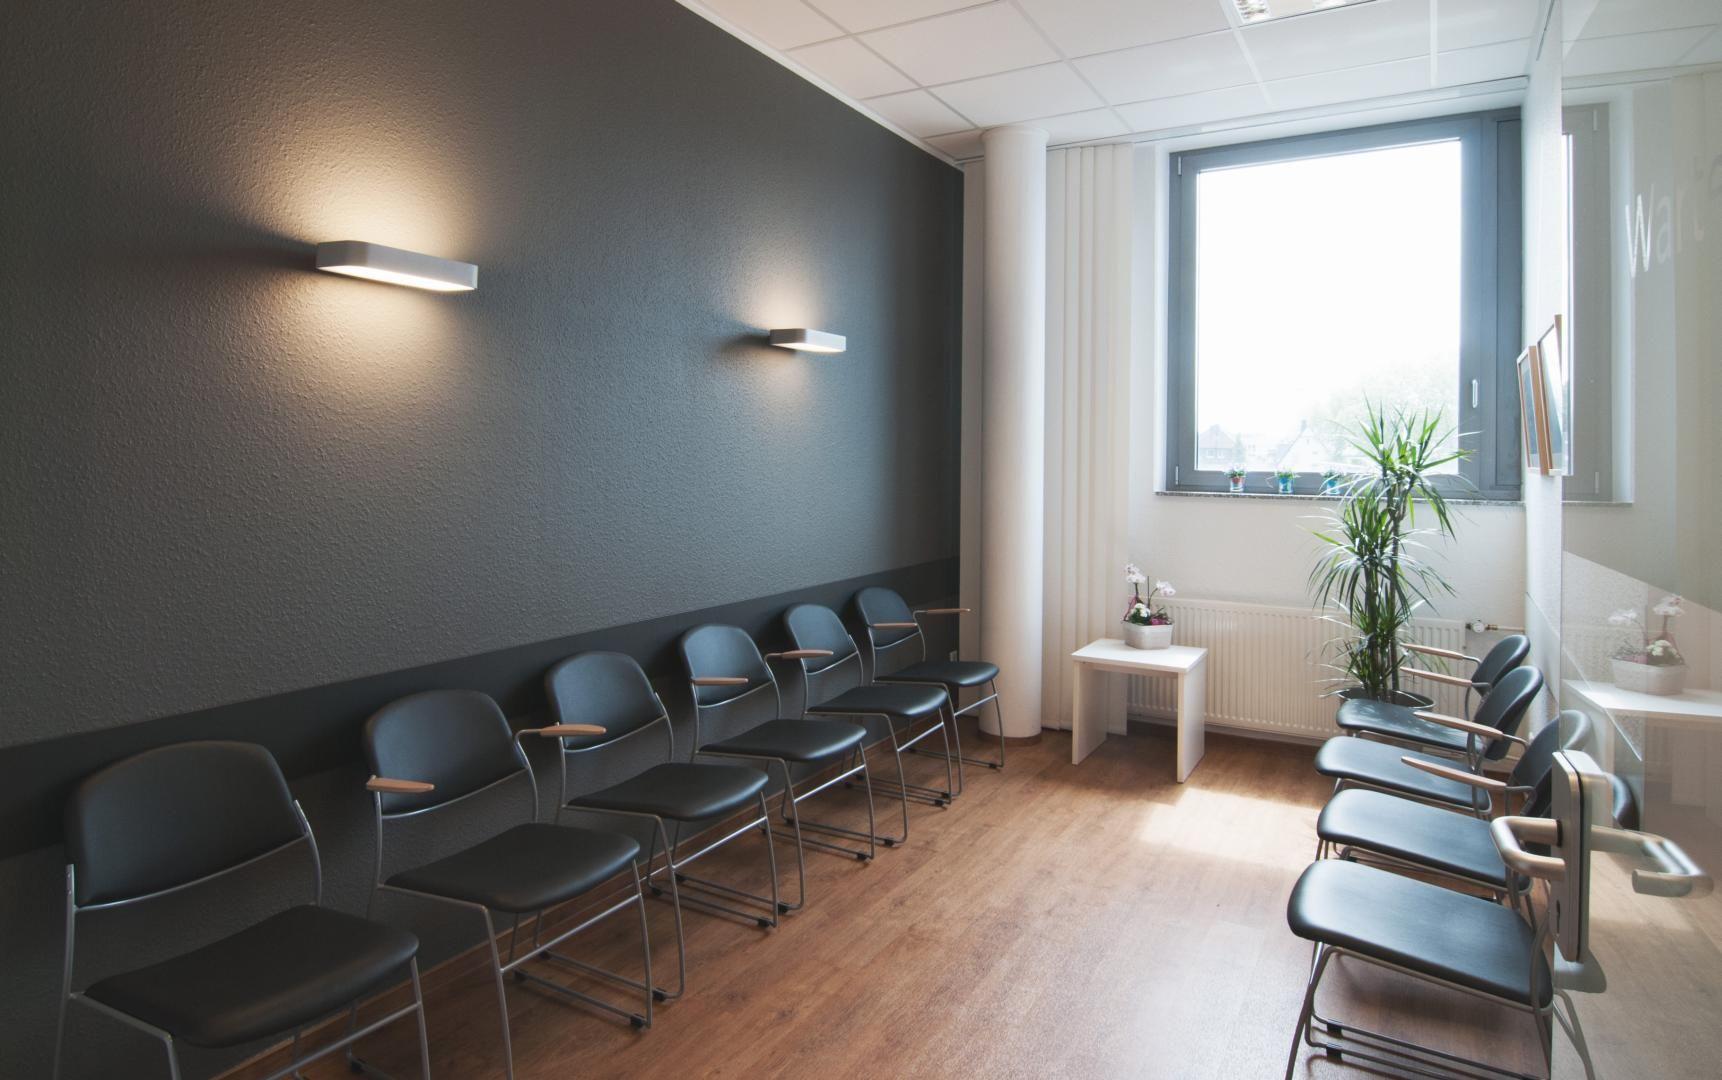 Home-office-innenarchitektur gastroenterologische praxis recklinghausen  thöne innenarchitektur